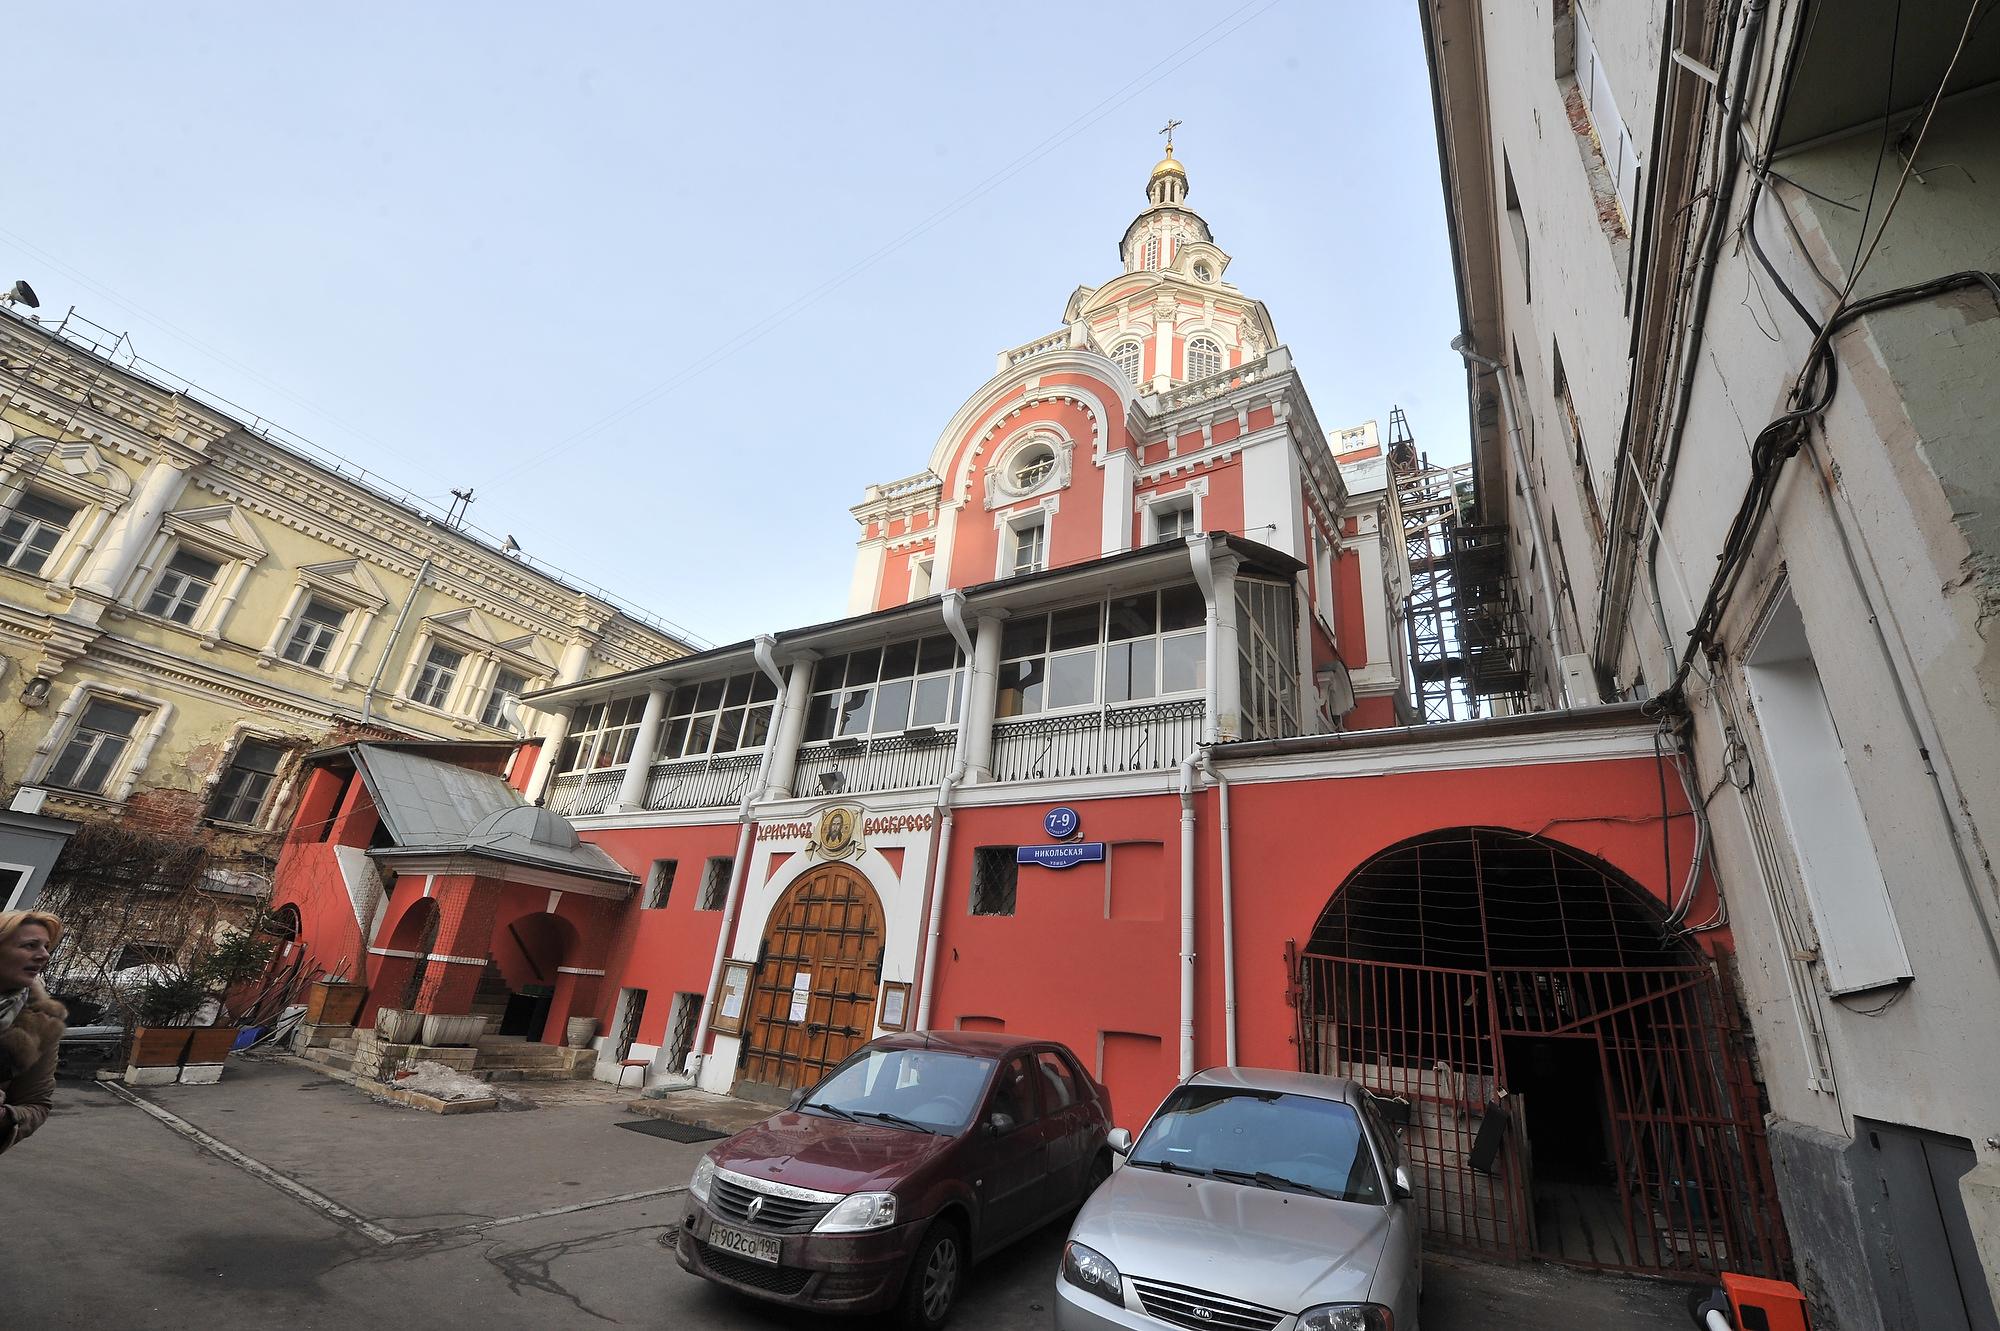 Этот собор Спаса Нерукотворного Образа - действующий, во дворике монастыря вы его увидите. Фото: Михаил ФРОЛОВ